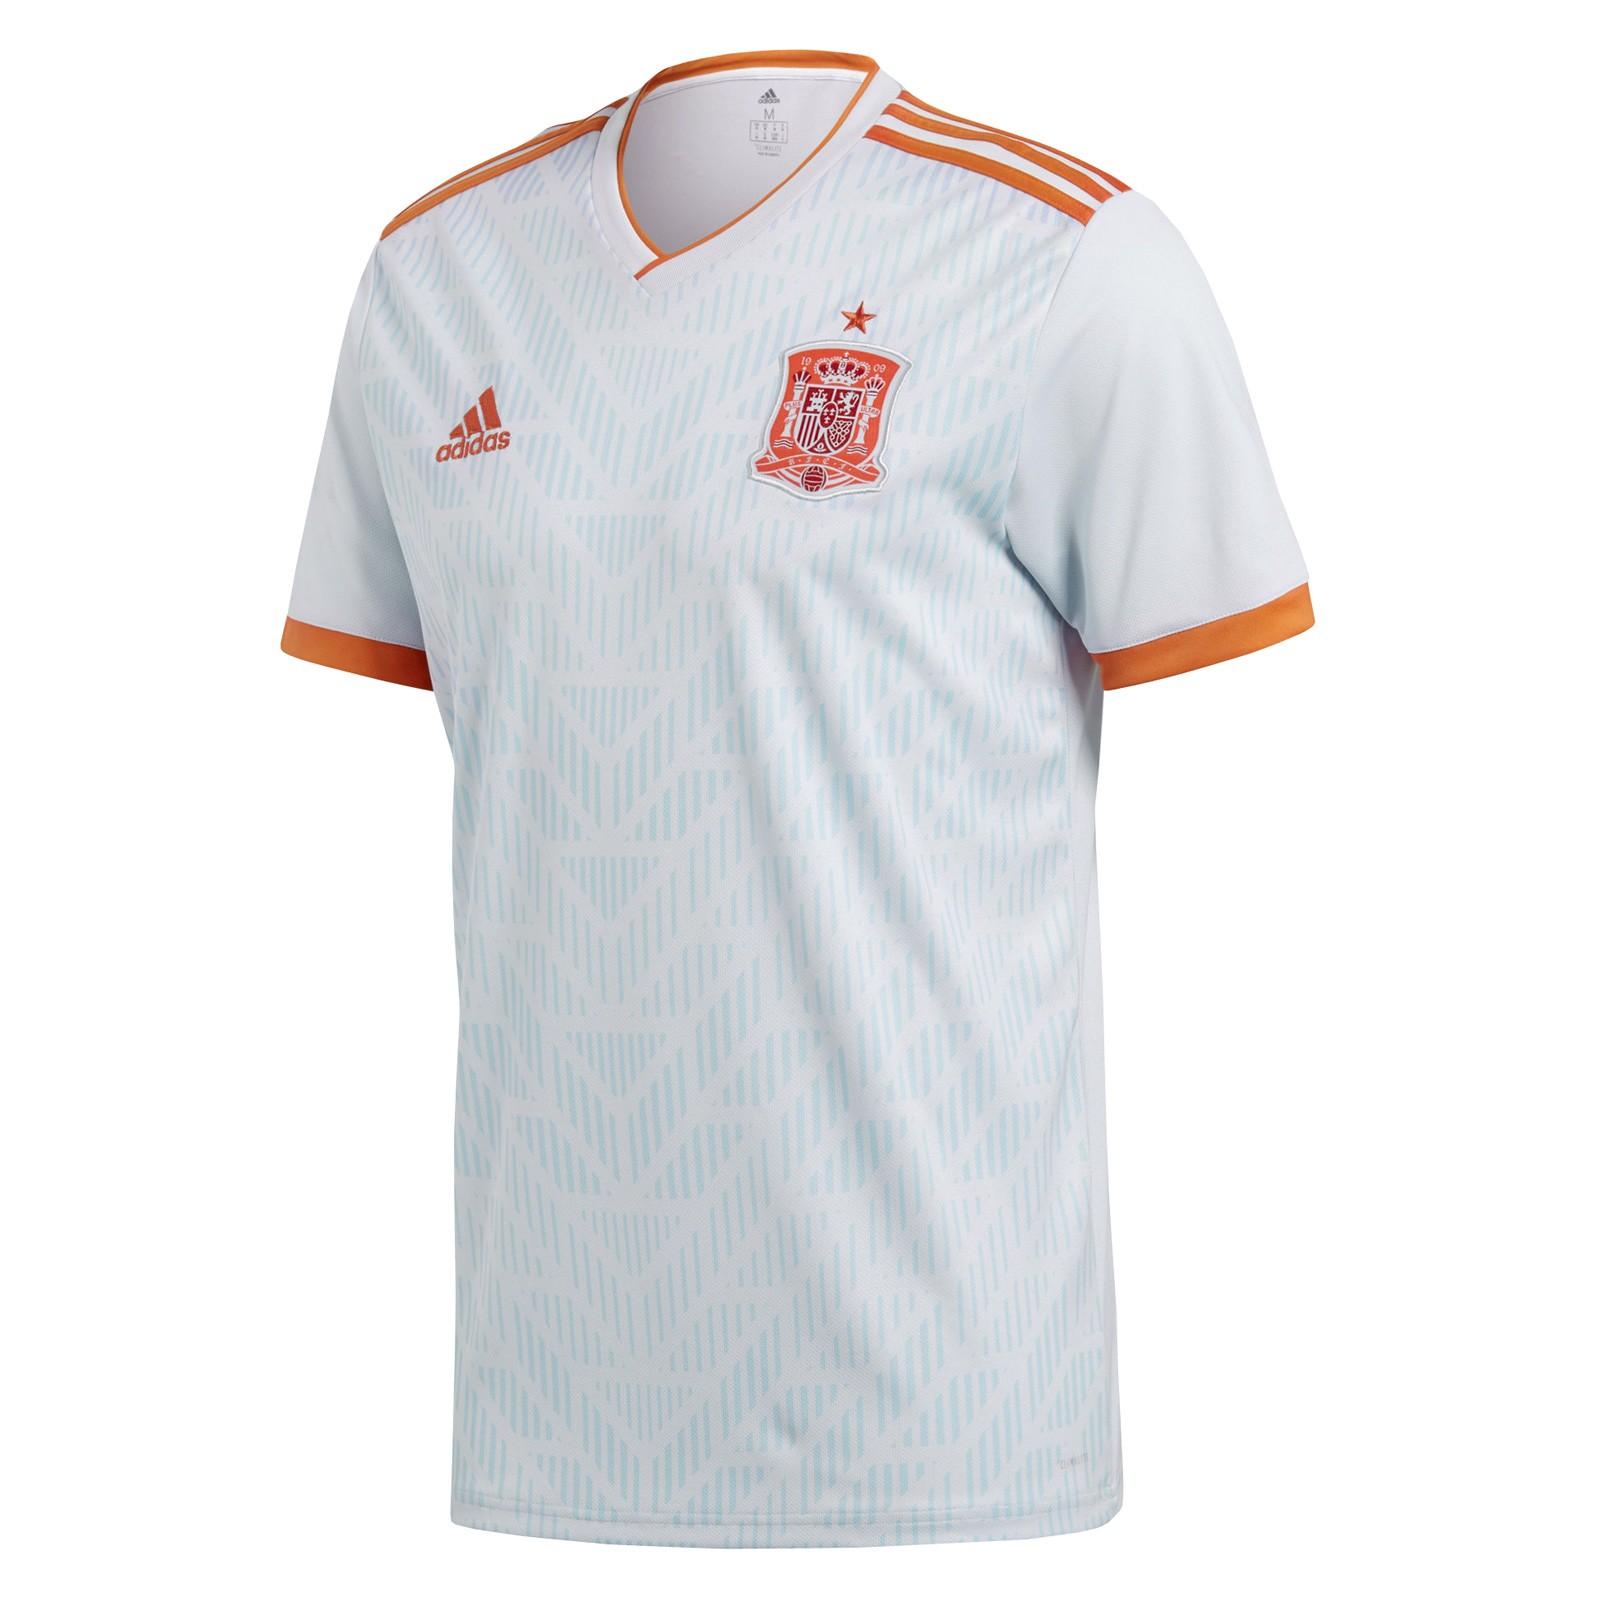 西班牙国家队2018世界杯球迷版客场球衣